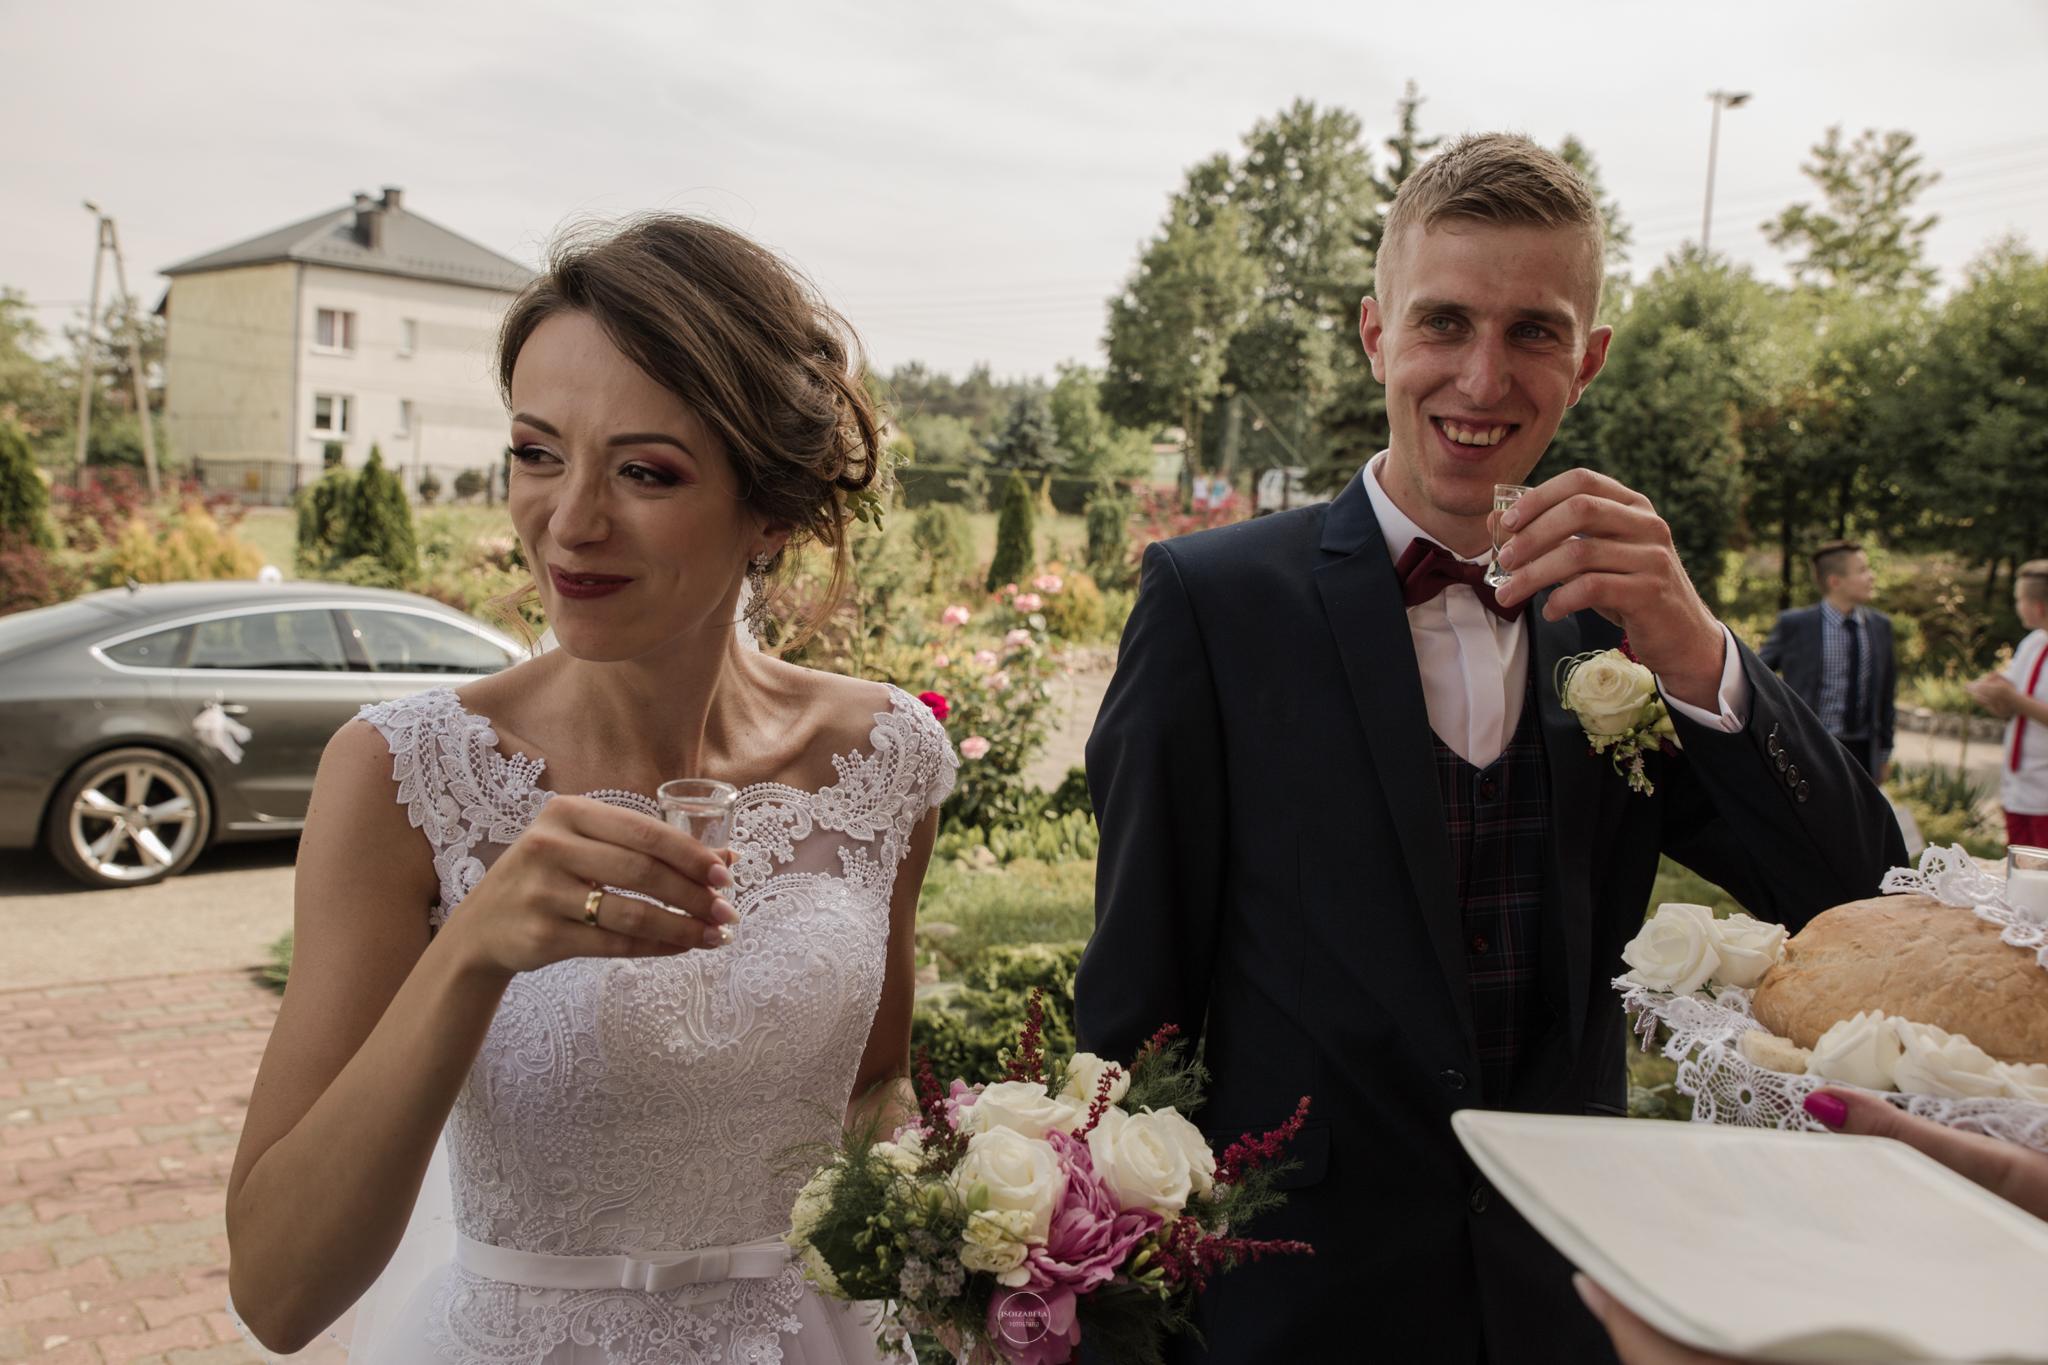 fotograf wolbrom fotograf ślubny olkusz fotografia ślubna zawiercie fotograf trzebinia